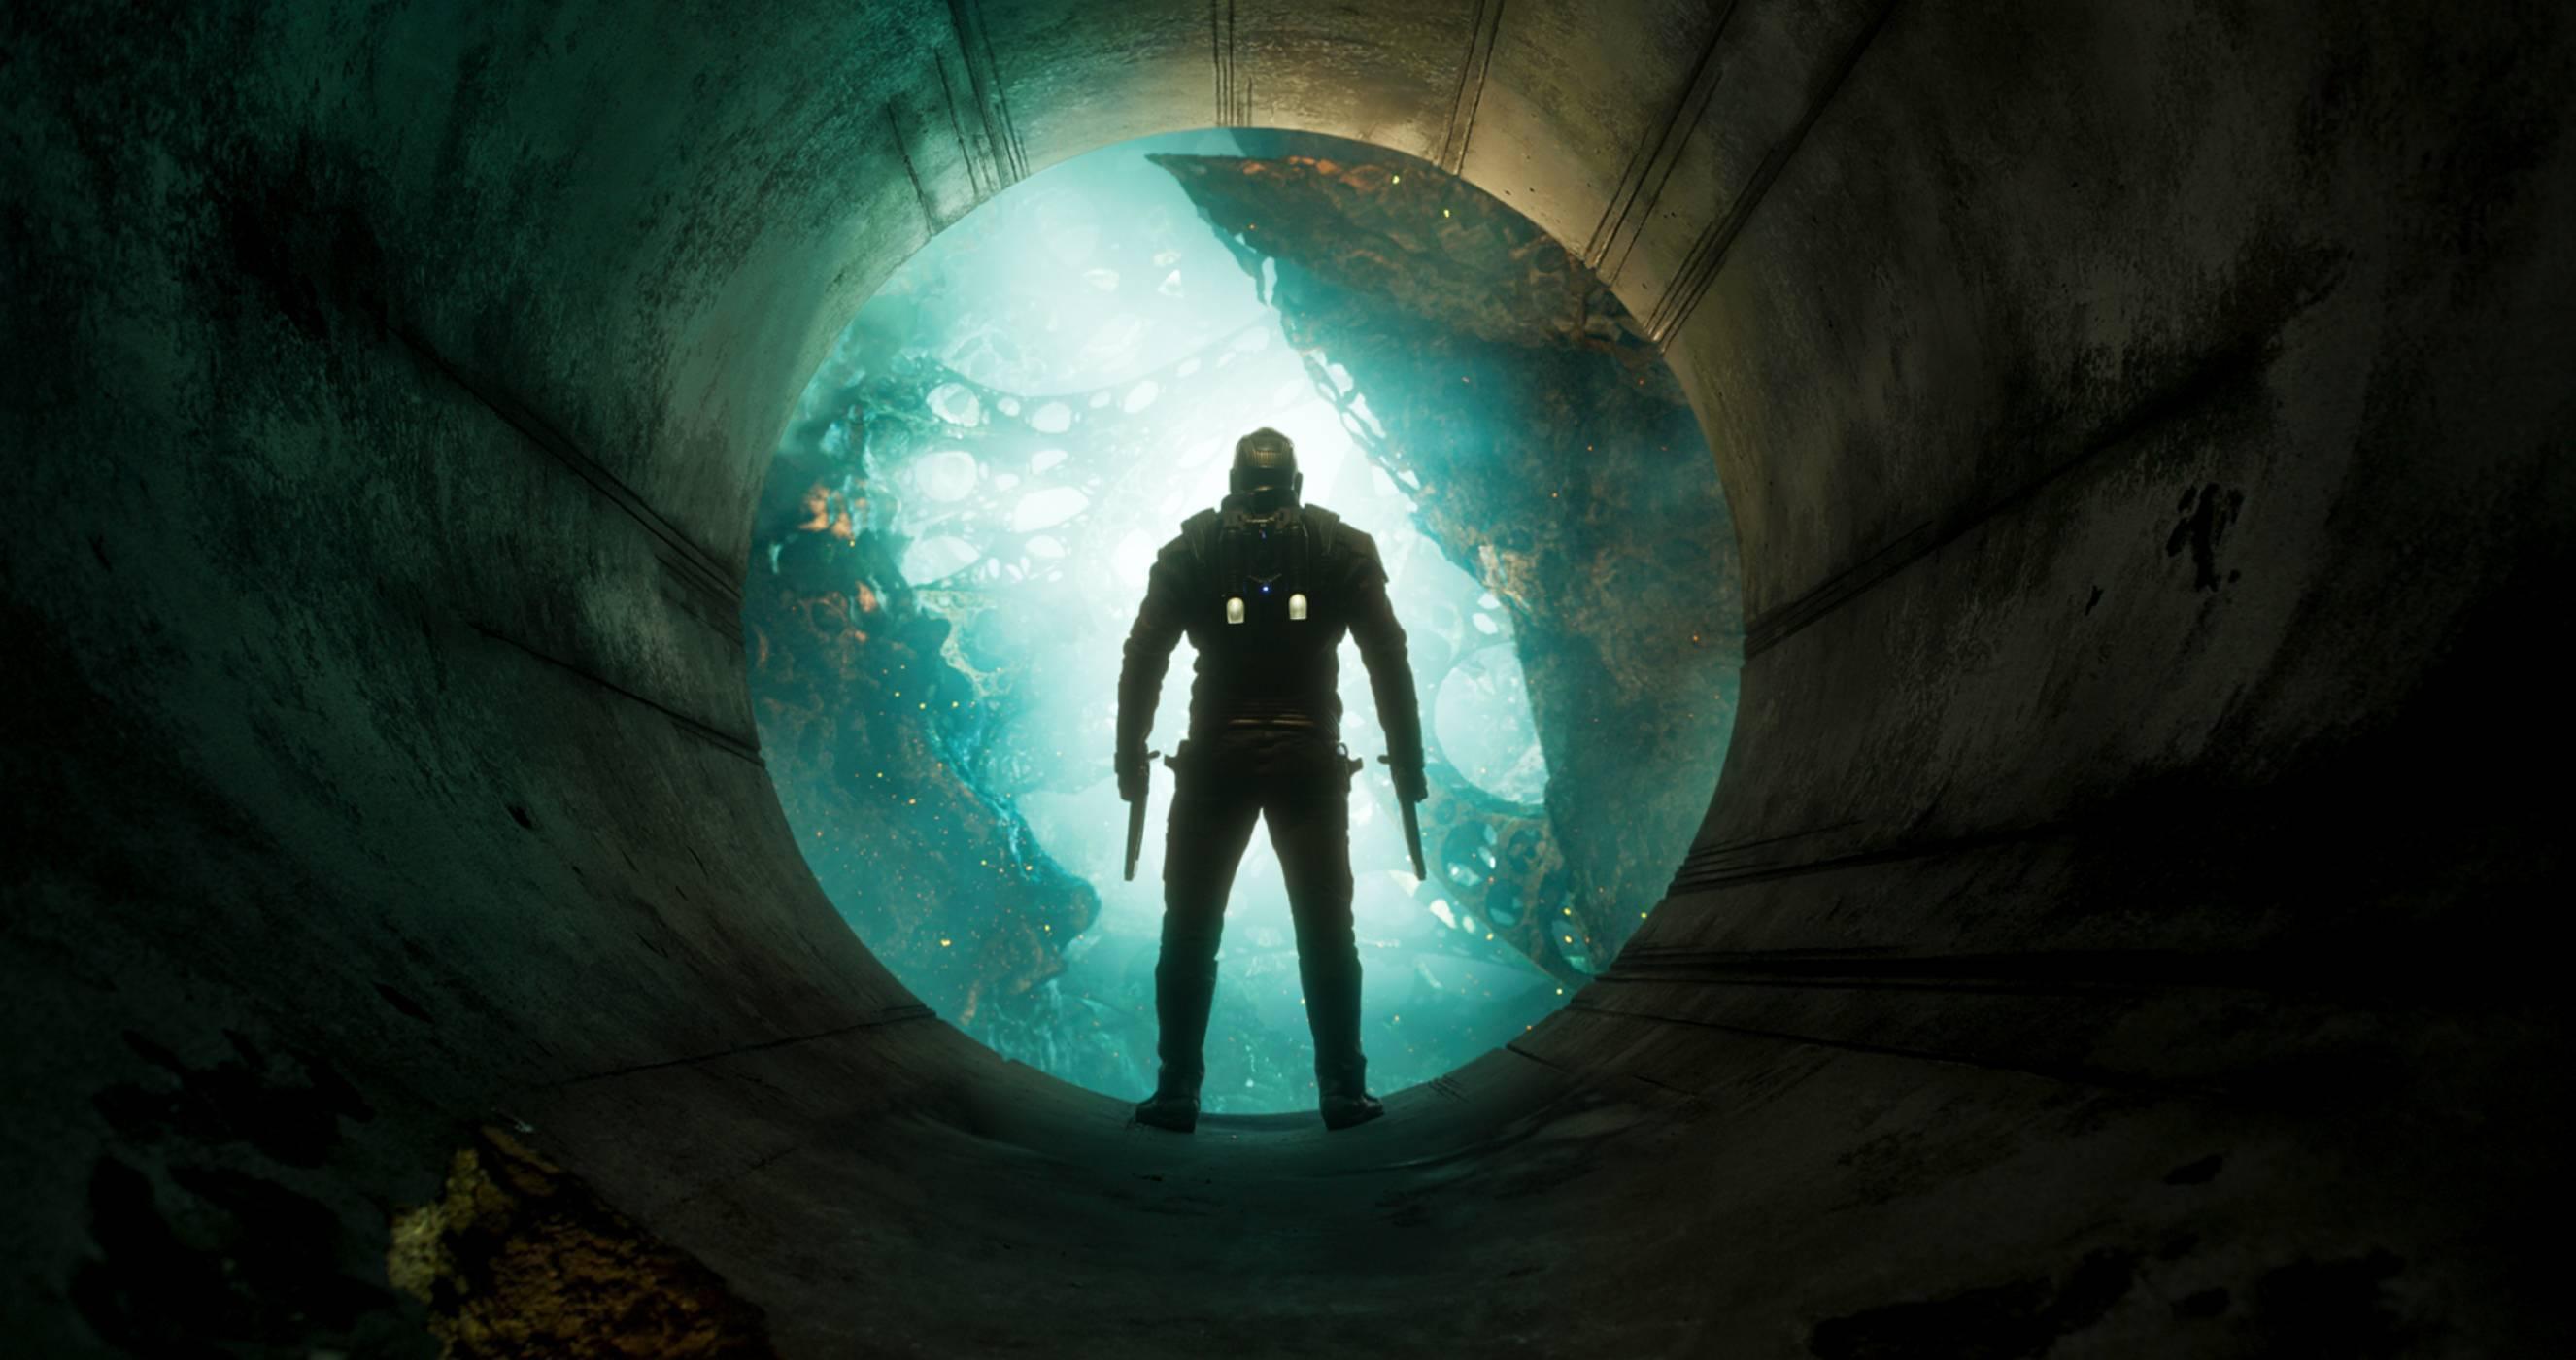 Guardians of the Galaxy Vol.2: герои, които ще заобичате още повече (ревю)